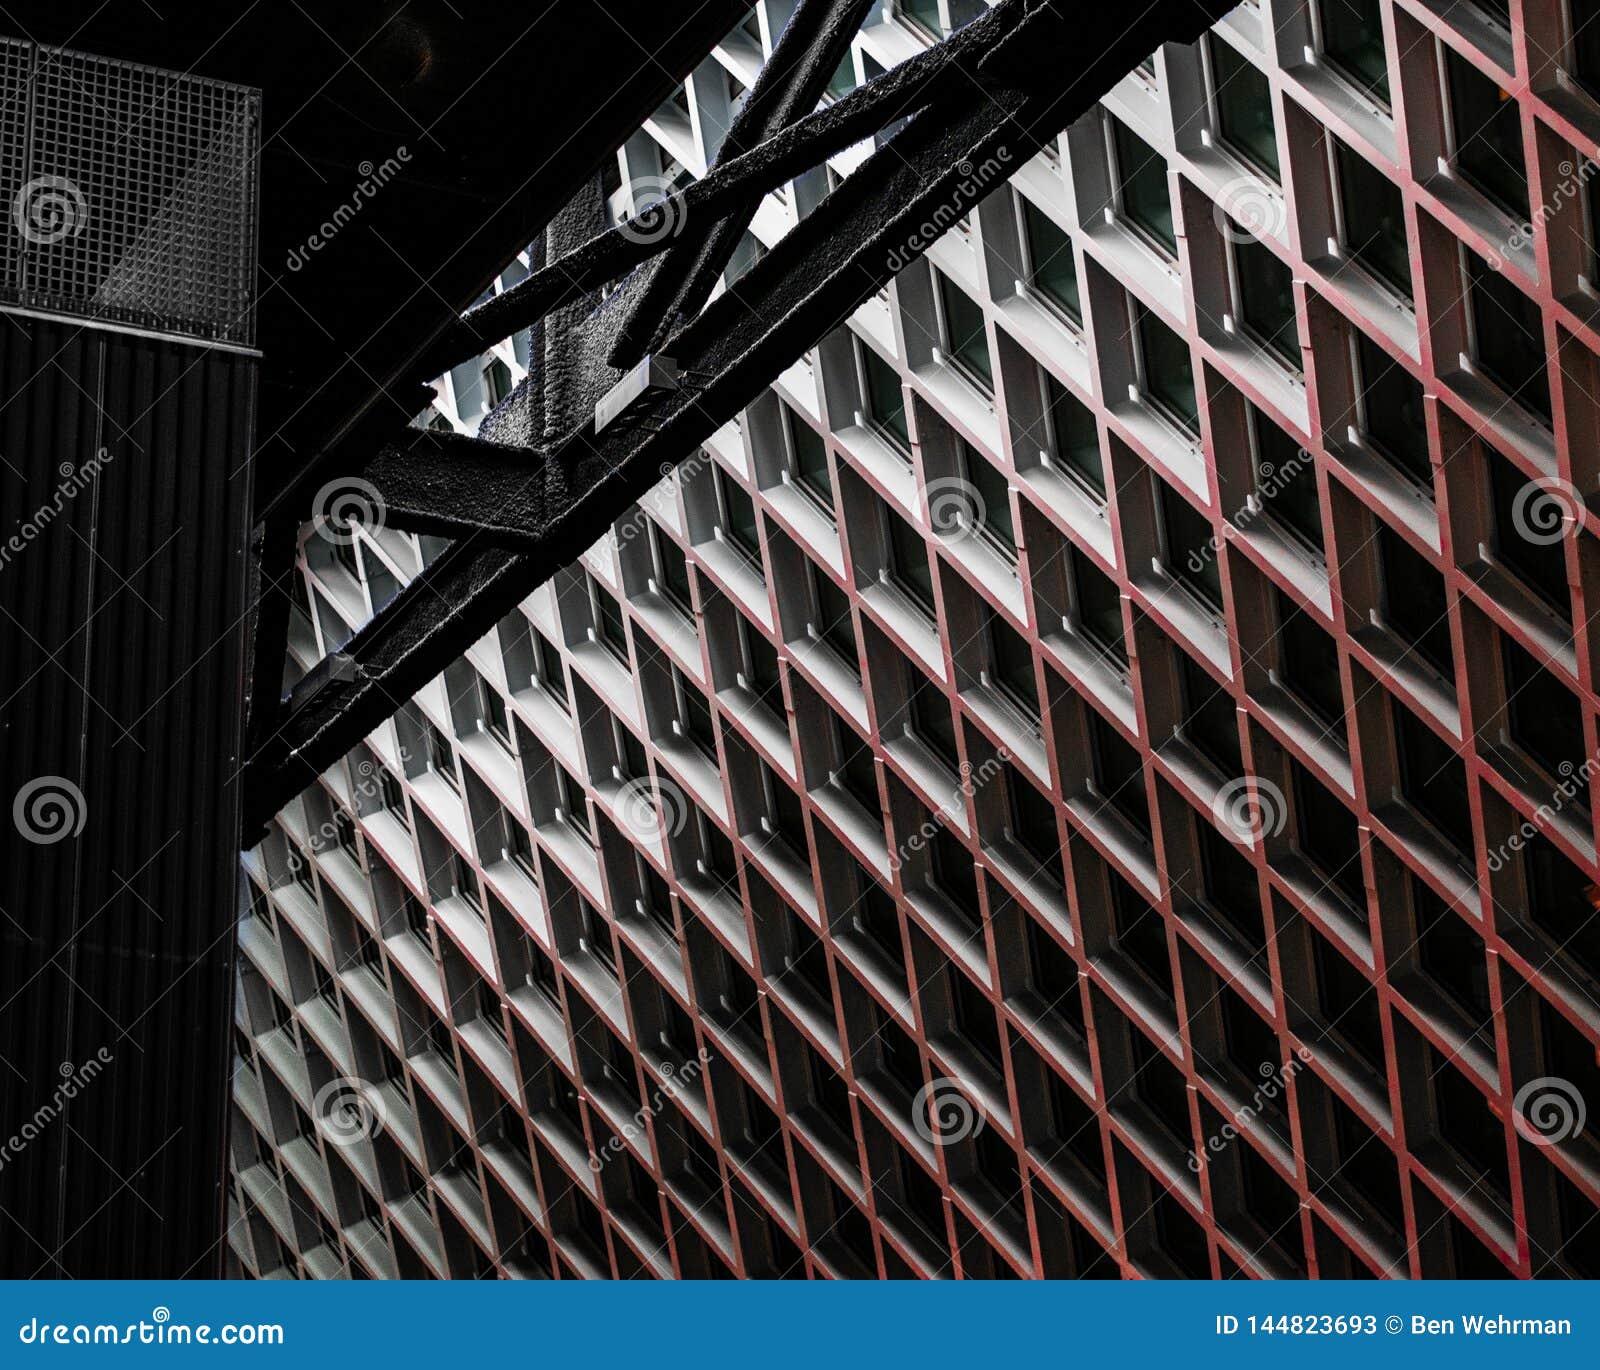 Modèles de conception architecturale